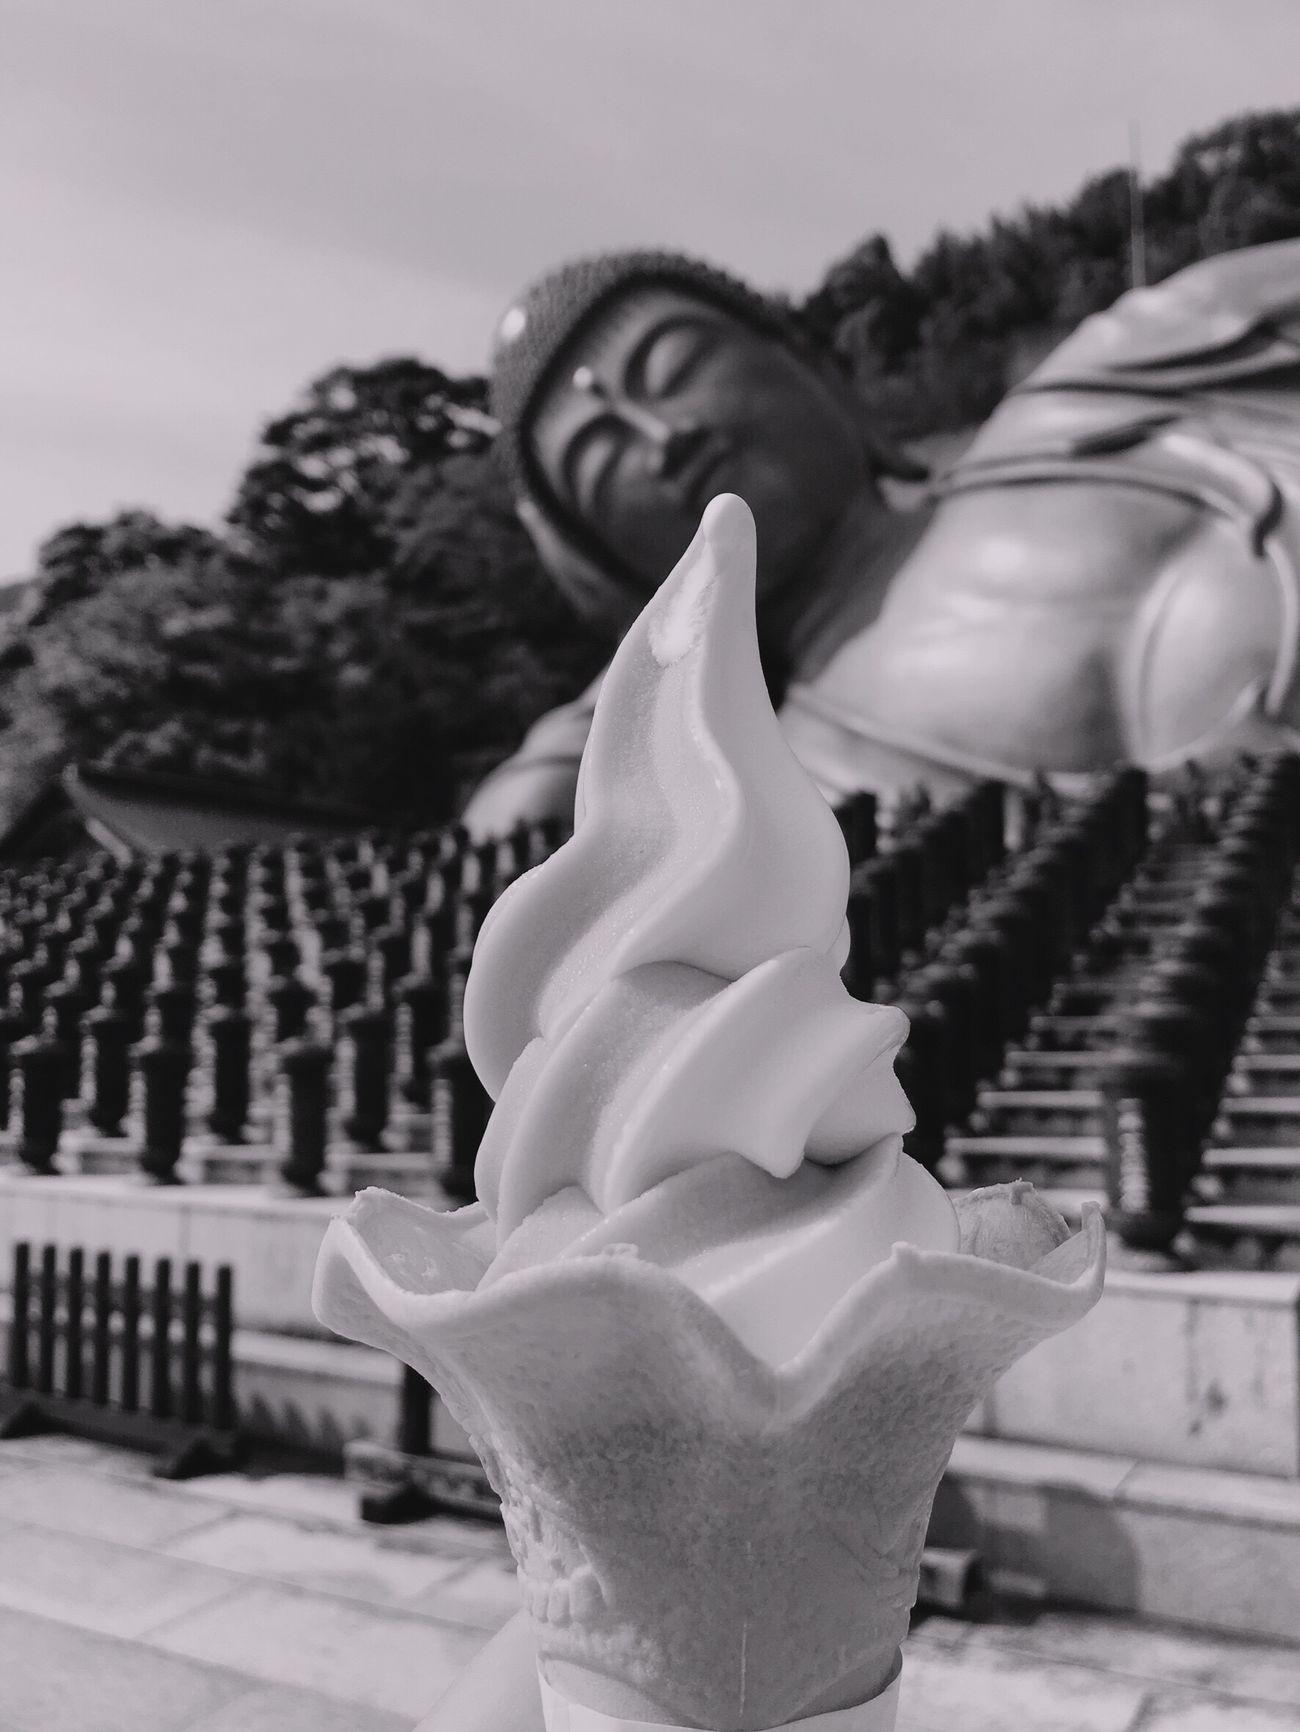 涅槃像とアイス Close-up No People Outdoors Sky Day Statue Ice Cream Fukuoka Fukuoka,Japan